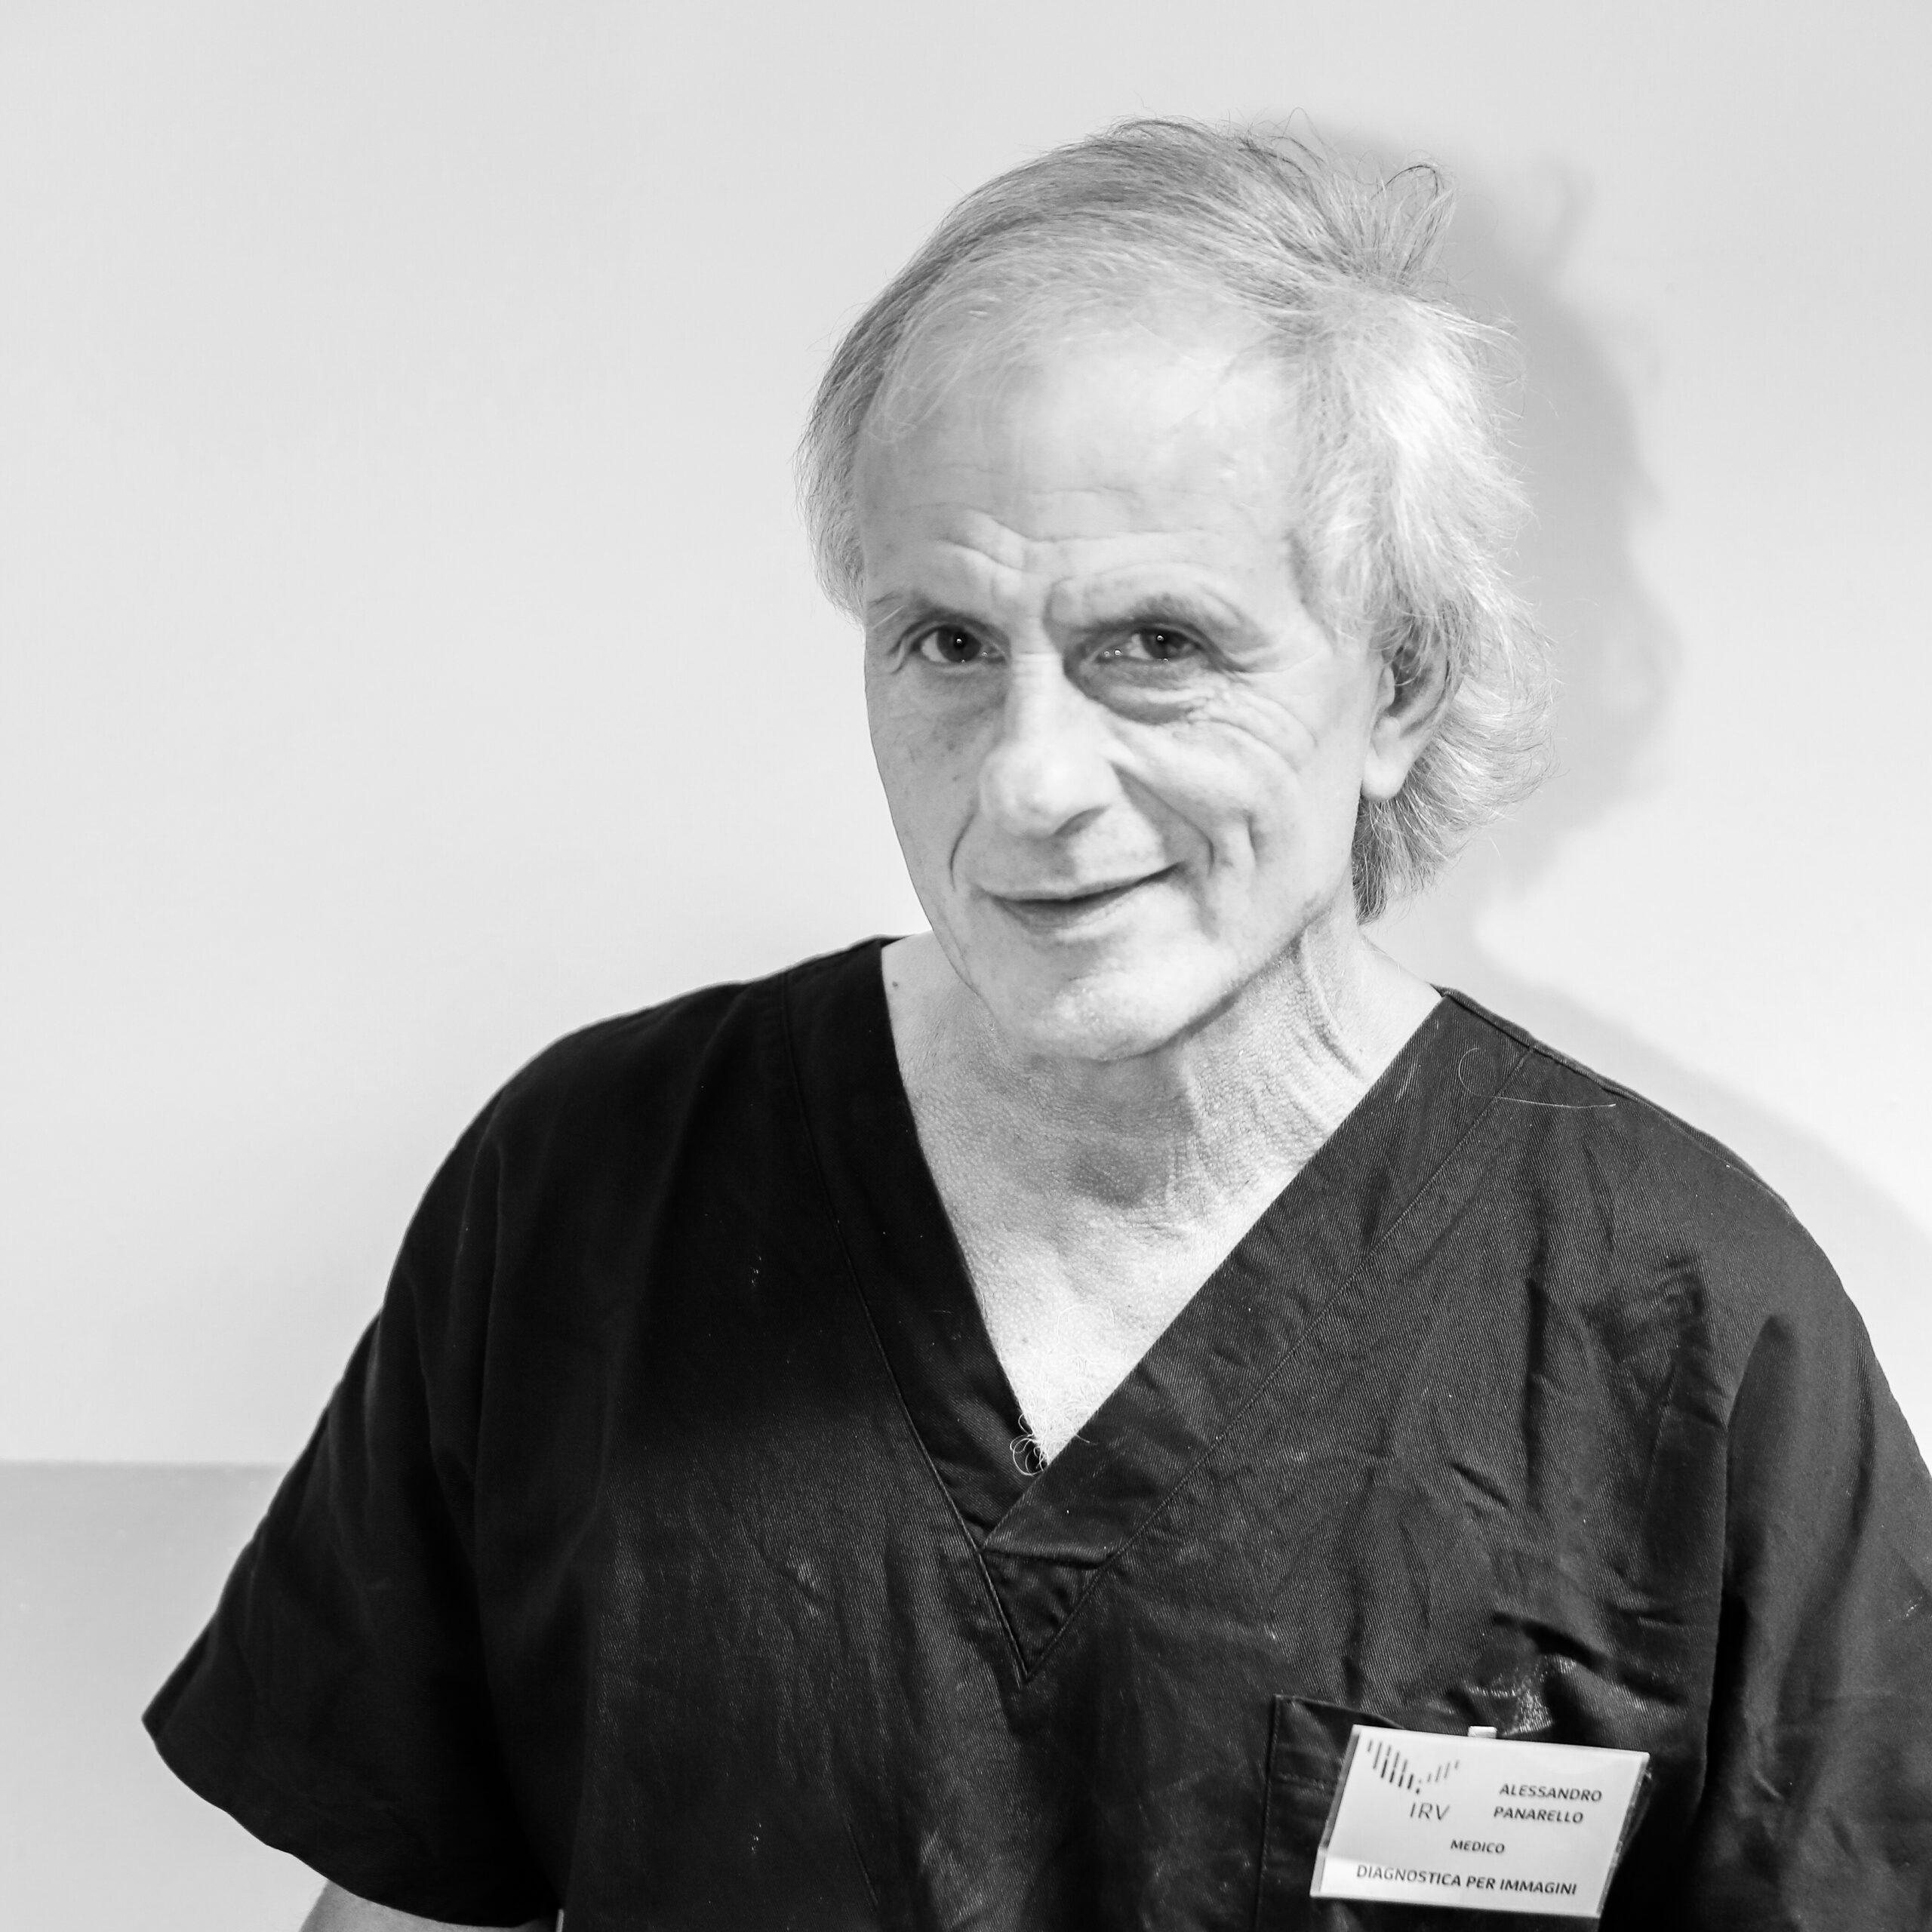 Dr. A. Panarello